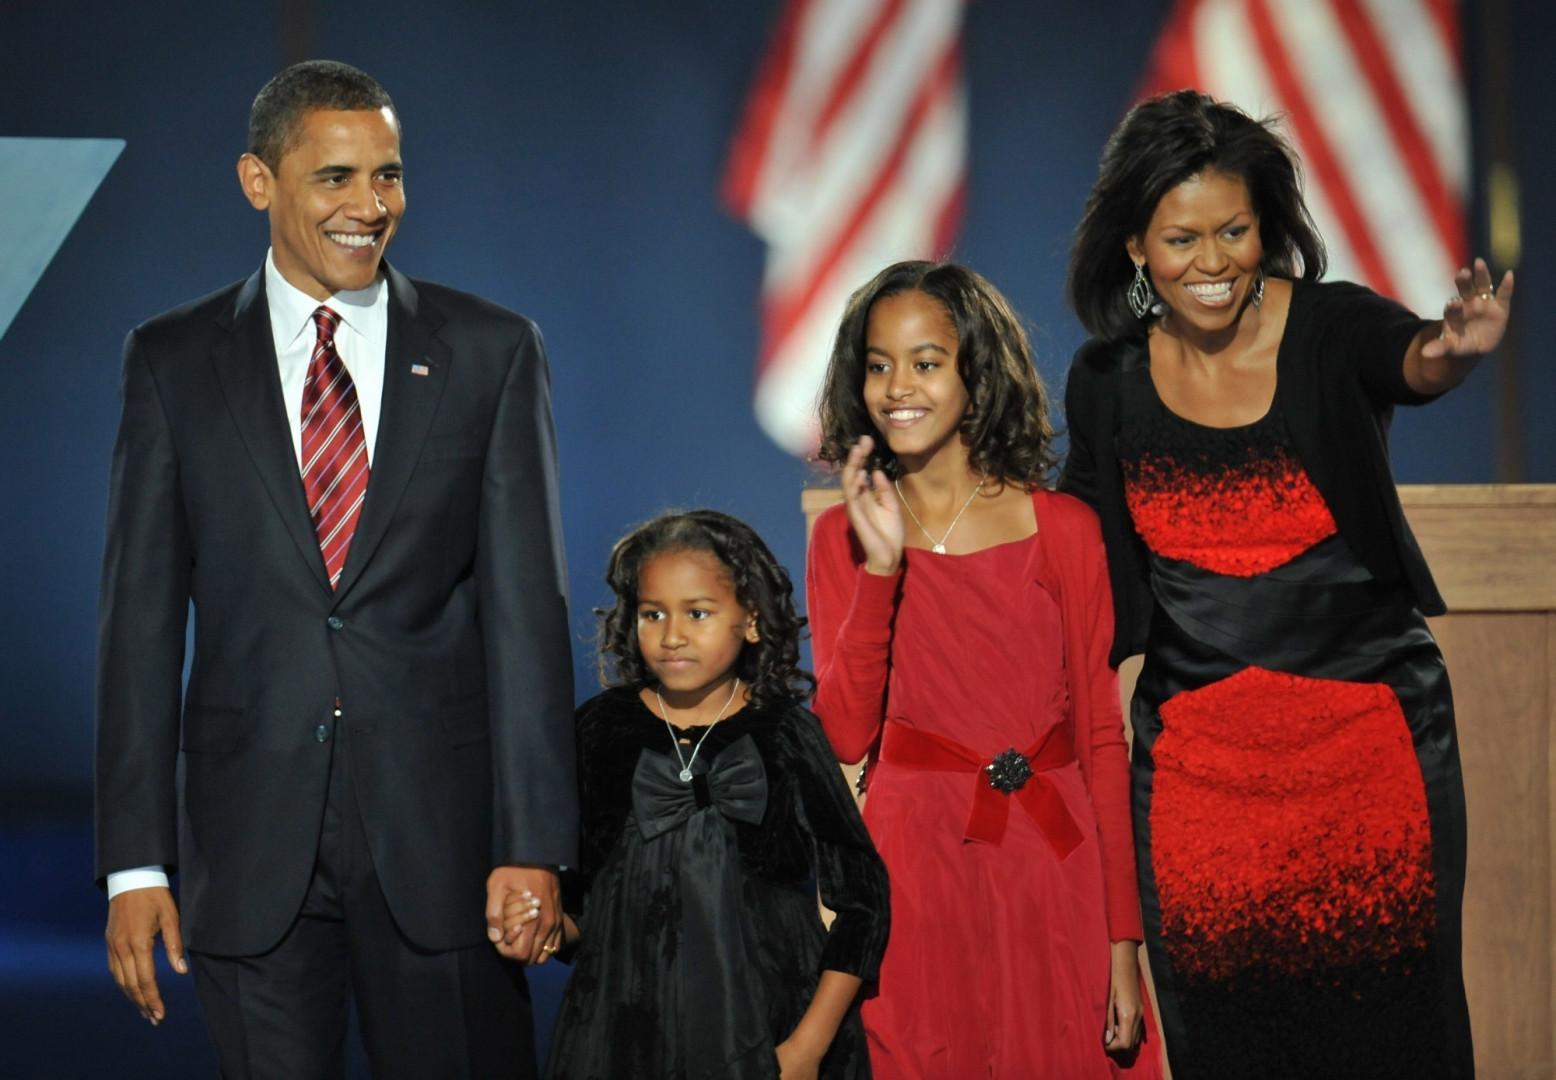 En rouge et noir, radieuses, elles célèbrent la victoire de leur papa à la présidentielle le 4 novembre 2008.